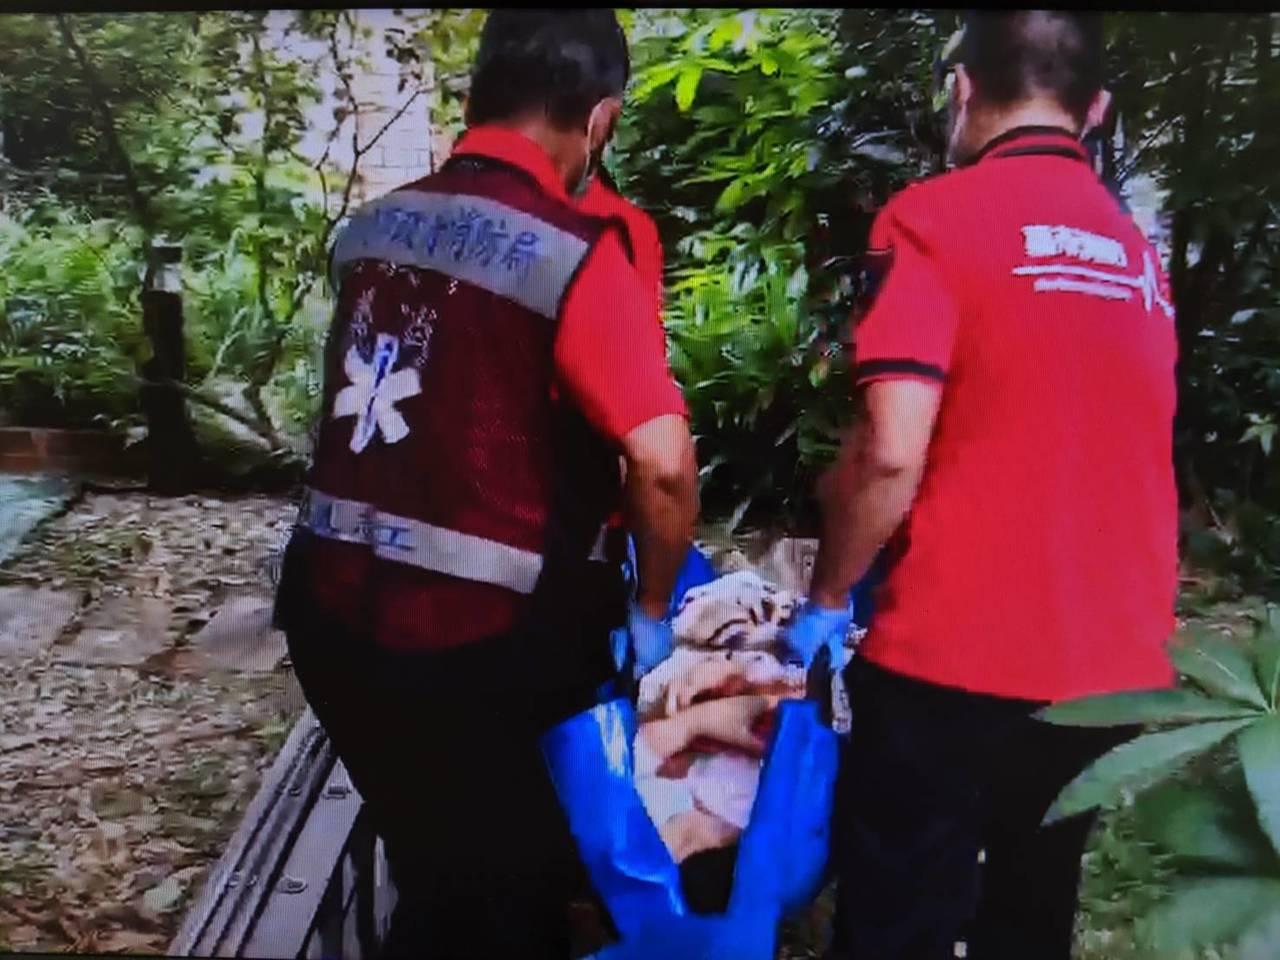 嘉義市消防局將鄭姓婦人救下,送醫急救。圖/嘉義市消防局提供